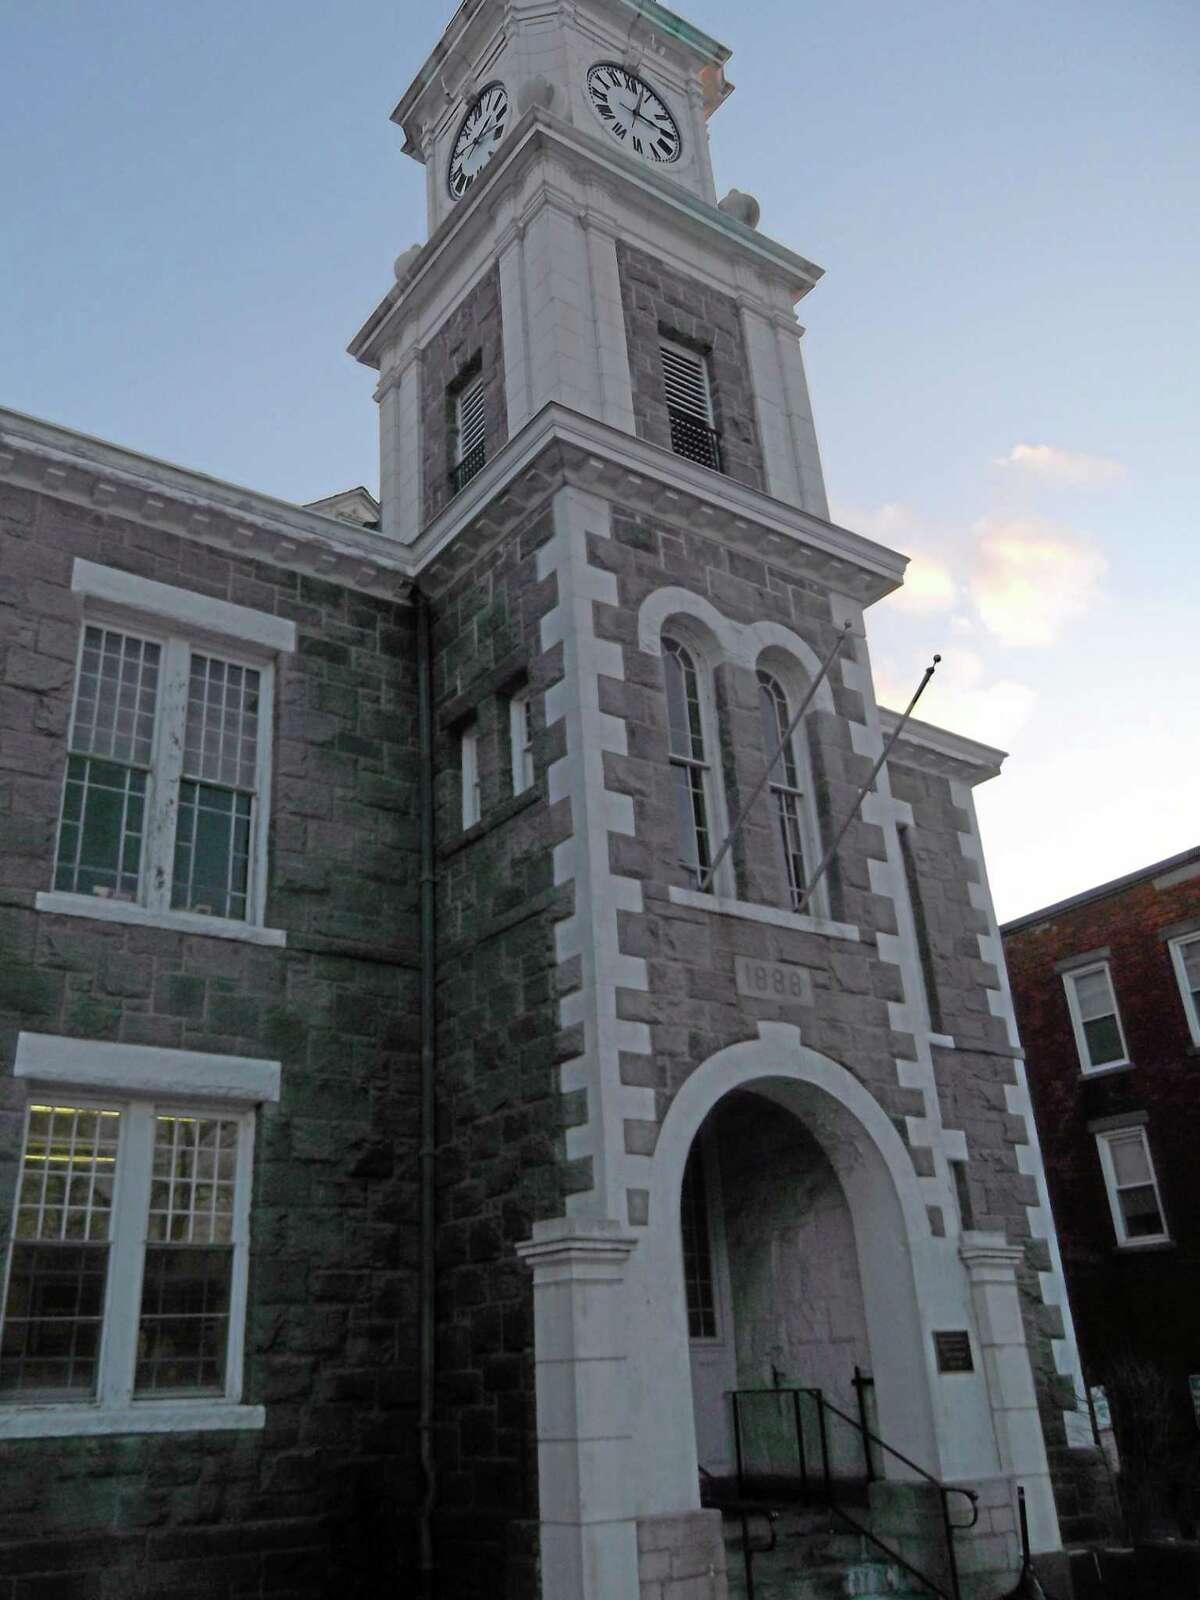 Litchfield Superior Court.